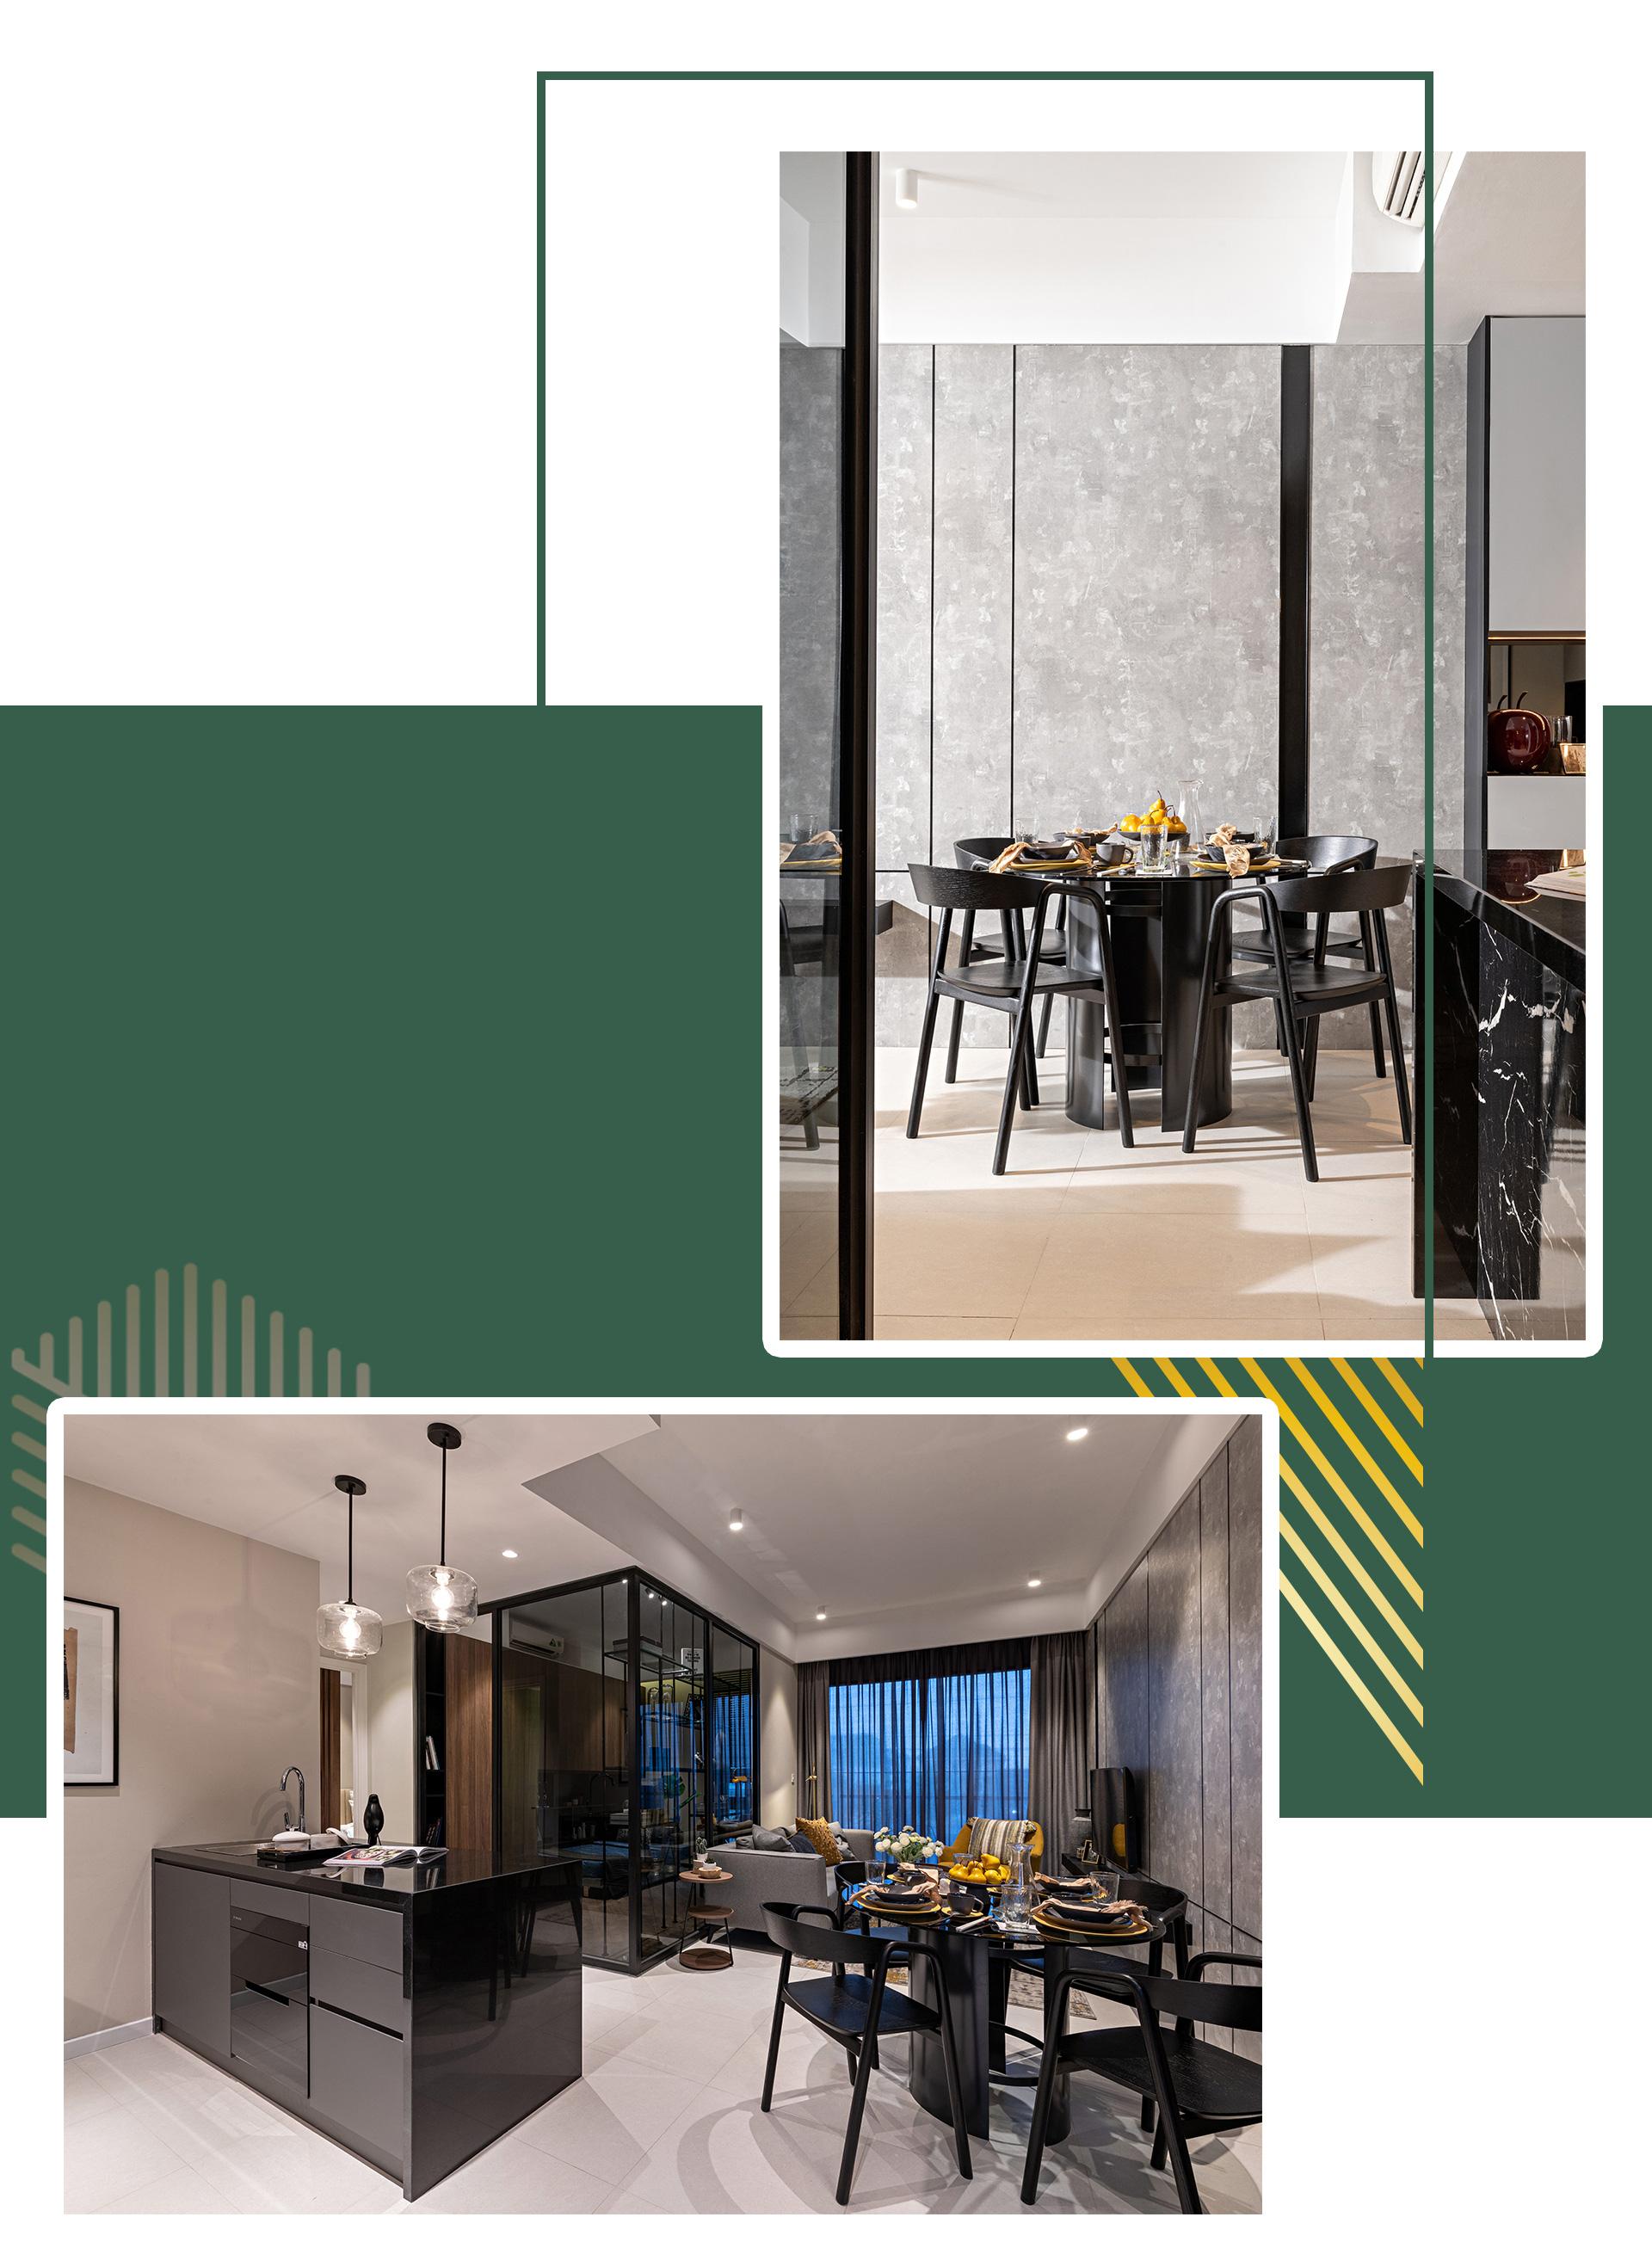 Anderson Park - căn hộ chuẩn hạng phòng Suite 5 sao đã sẵn sàng trình làng - Ảnh 5.